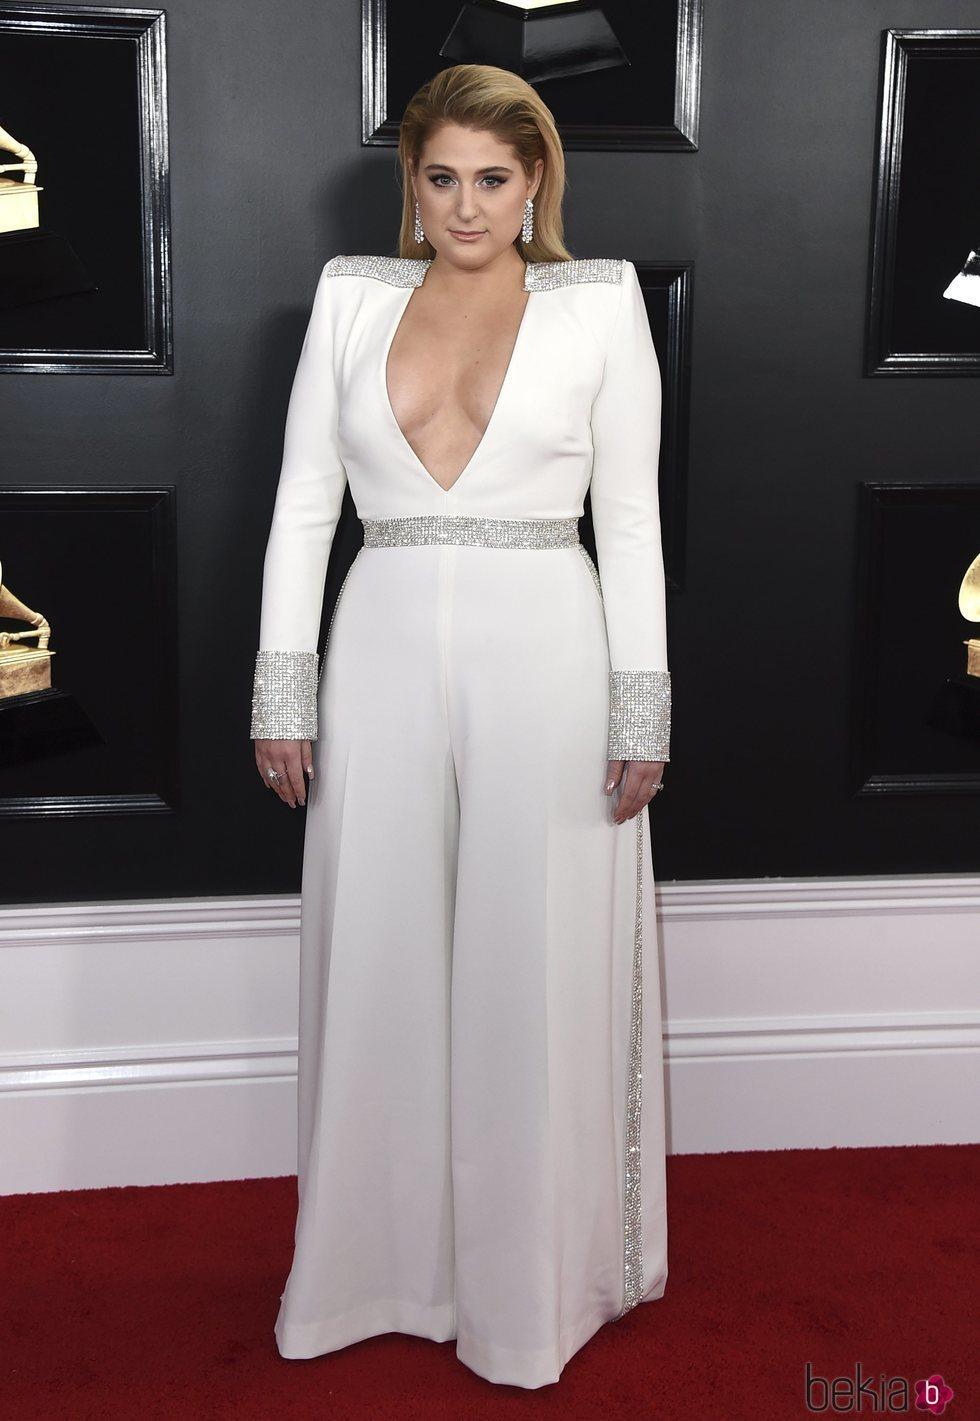 Meghan Trainor en la alfombra roja de los Grammy 2019